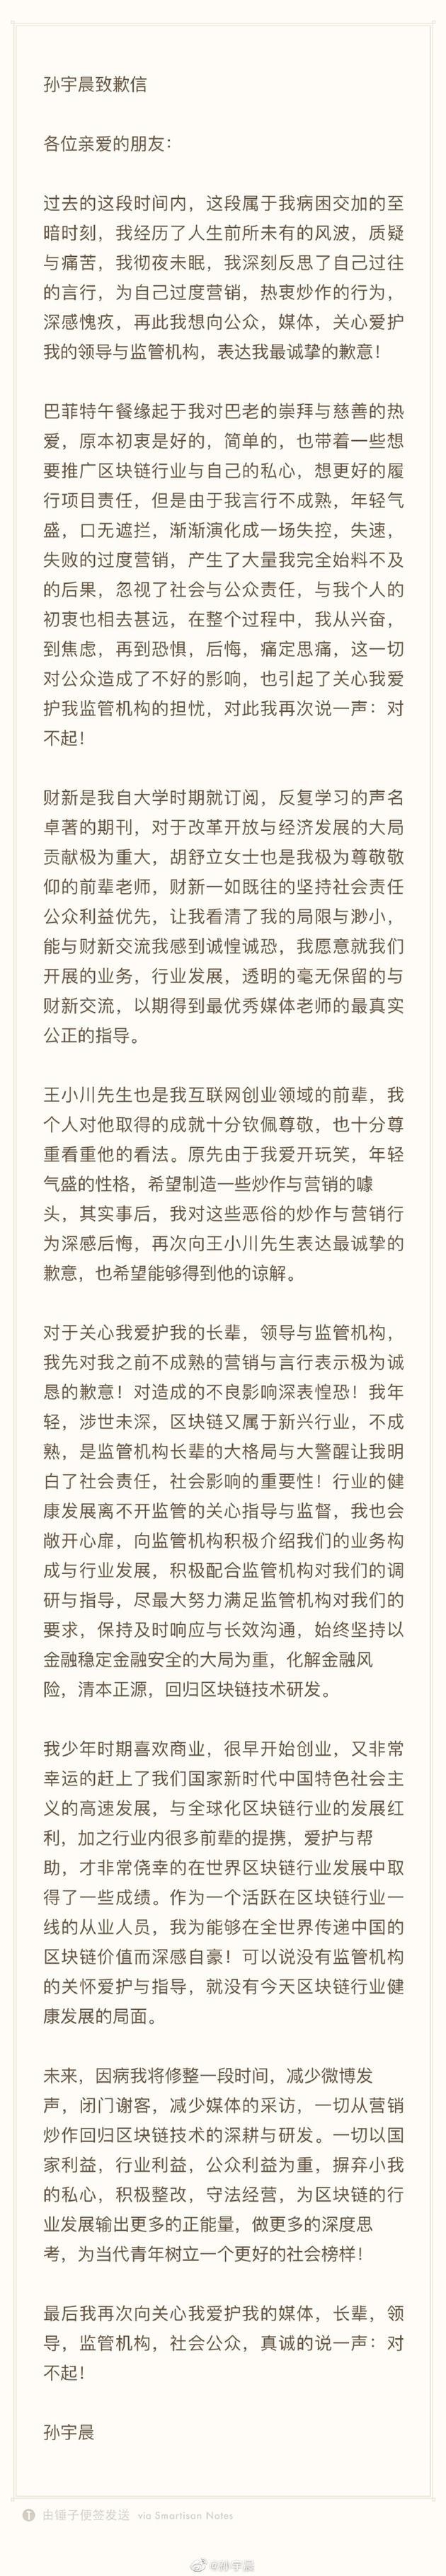 孙宇晨凌晨发致歉信! 因言行不成熟导致过度营销 新湖南www.hunanabc.com